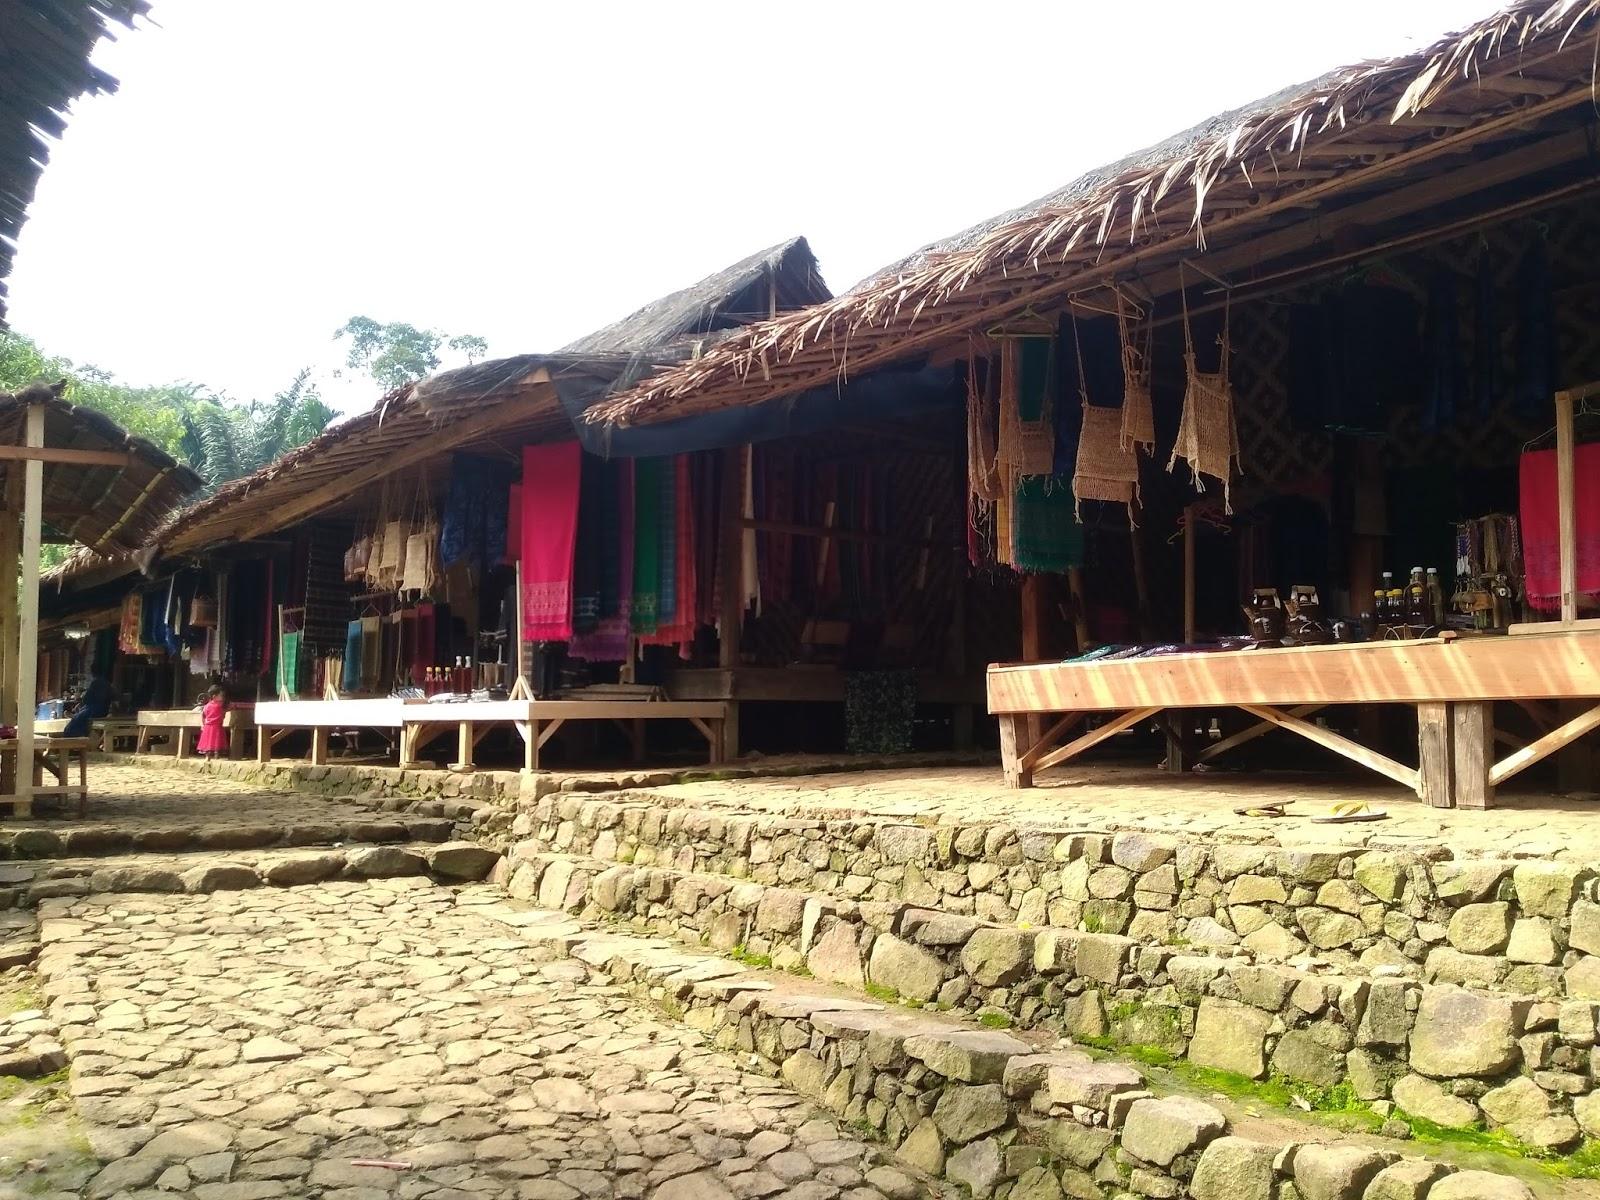 Festival Baduy 2016 Gerbang Wisata Desa Adat Perkampungan Tradisional Kab